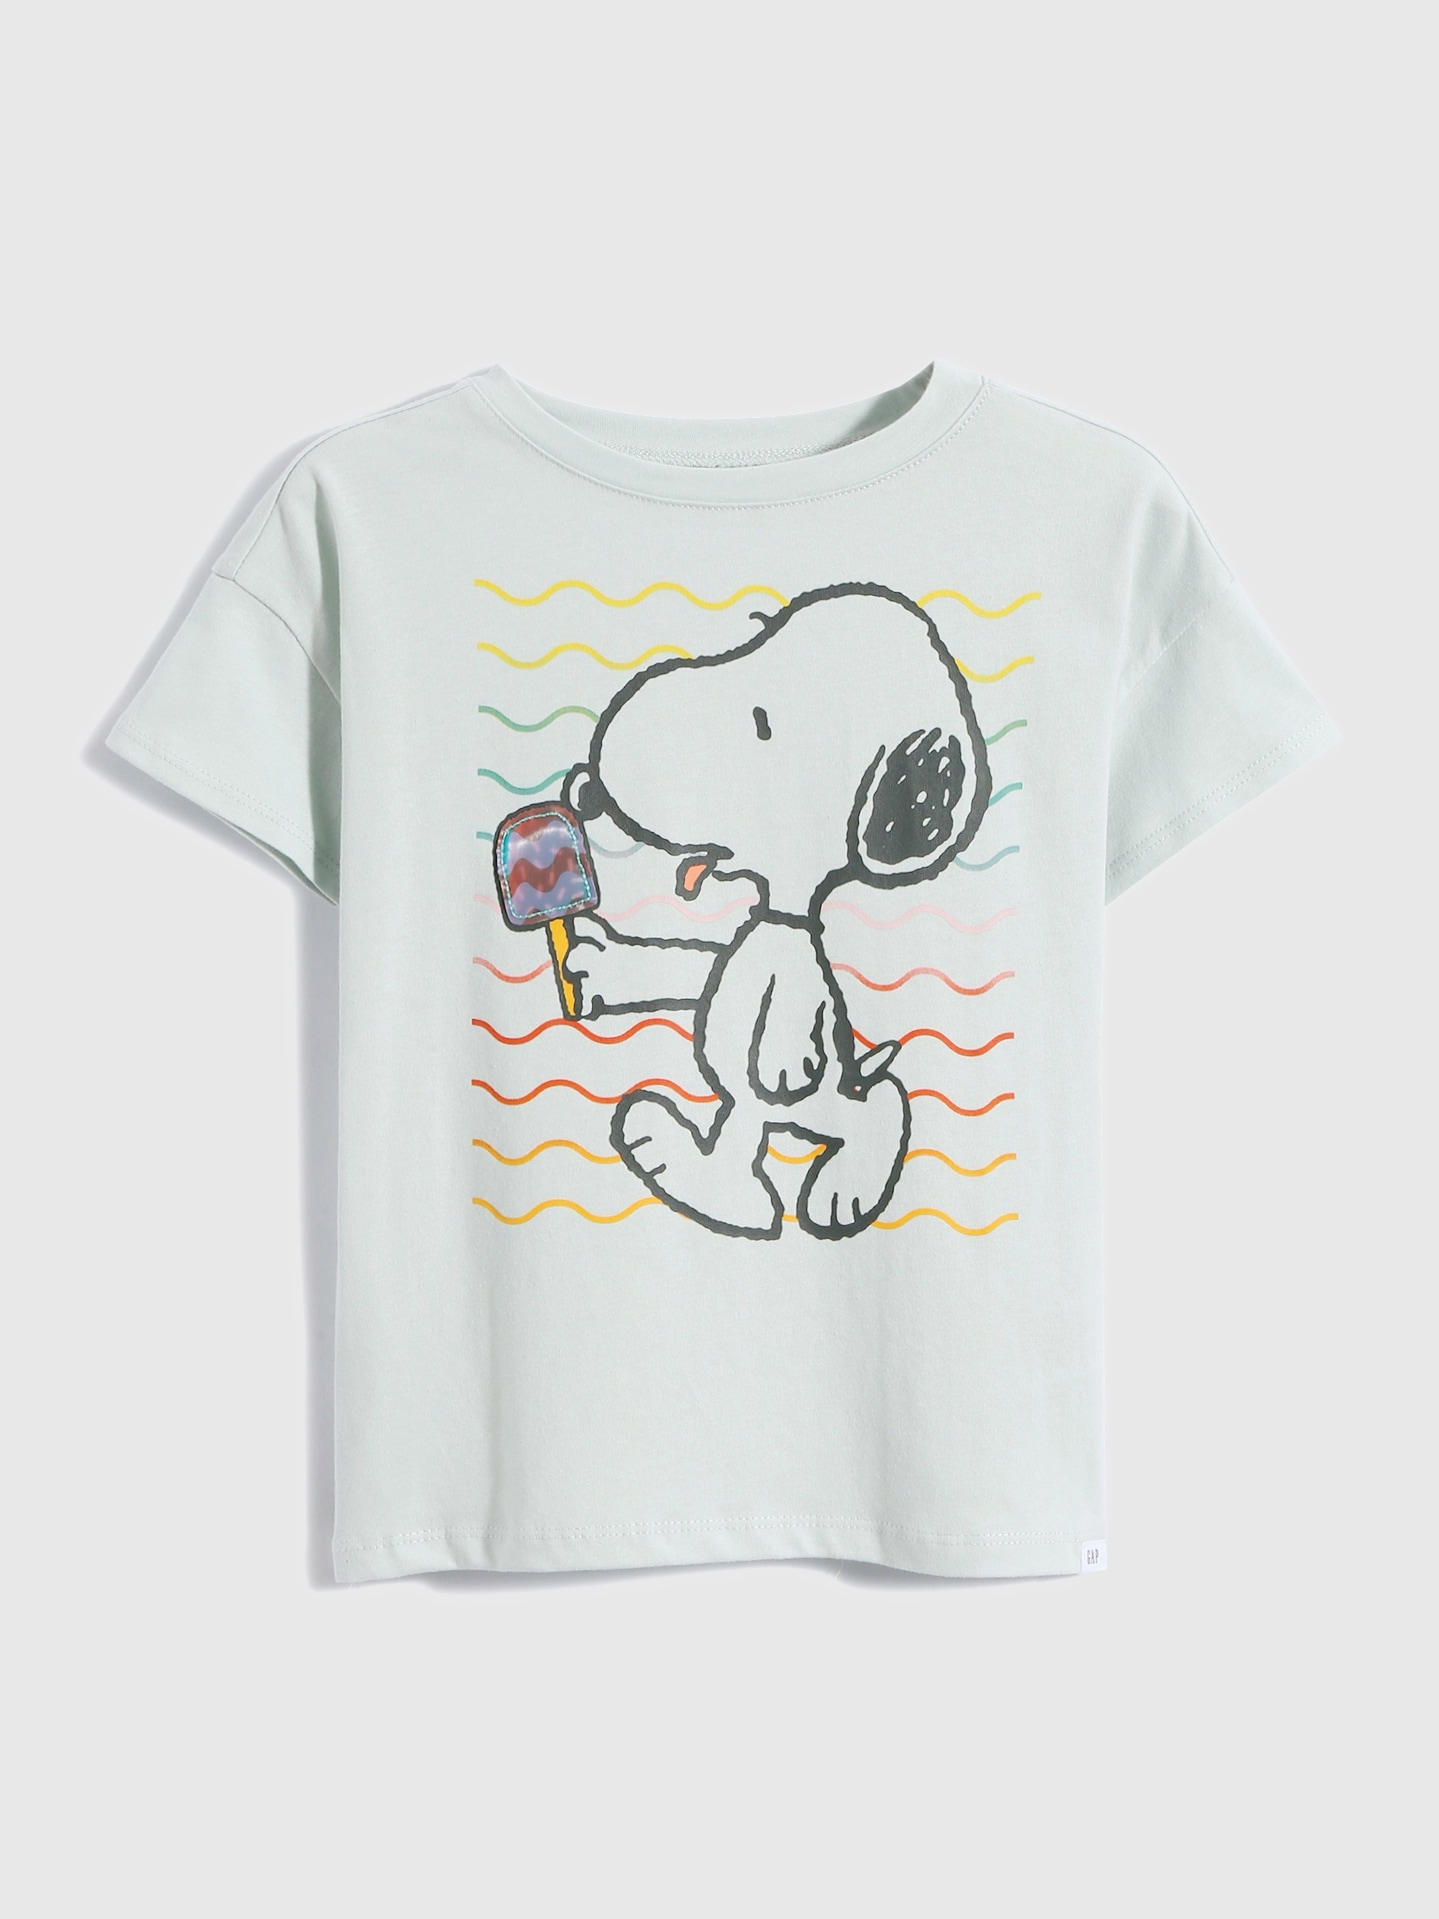 スヌーピーグラフィックtシャツ (ガールズ)